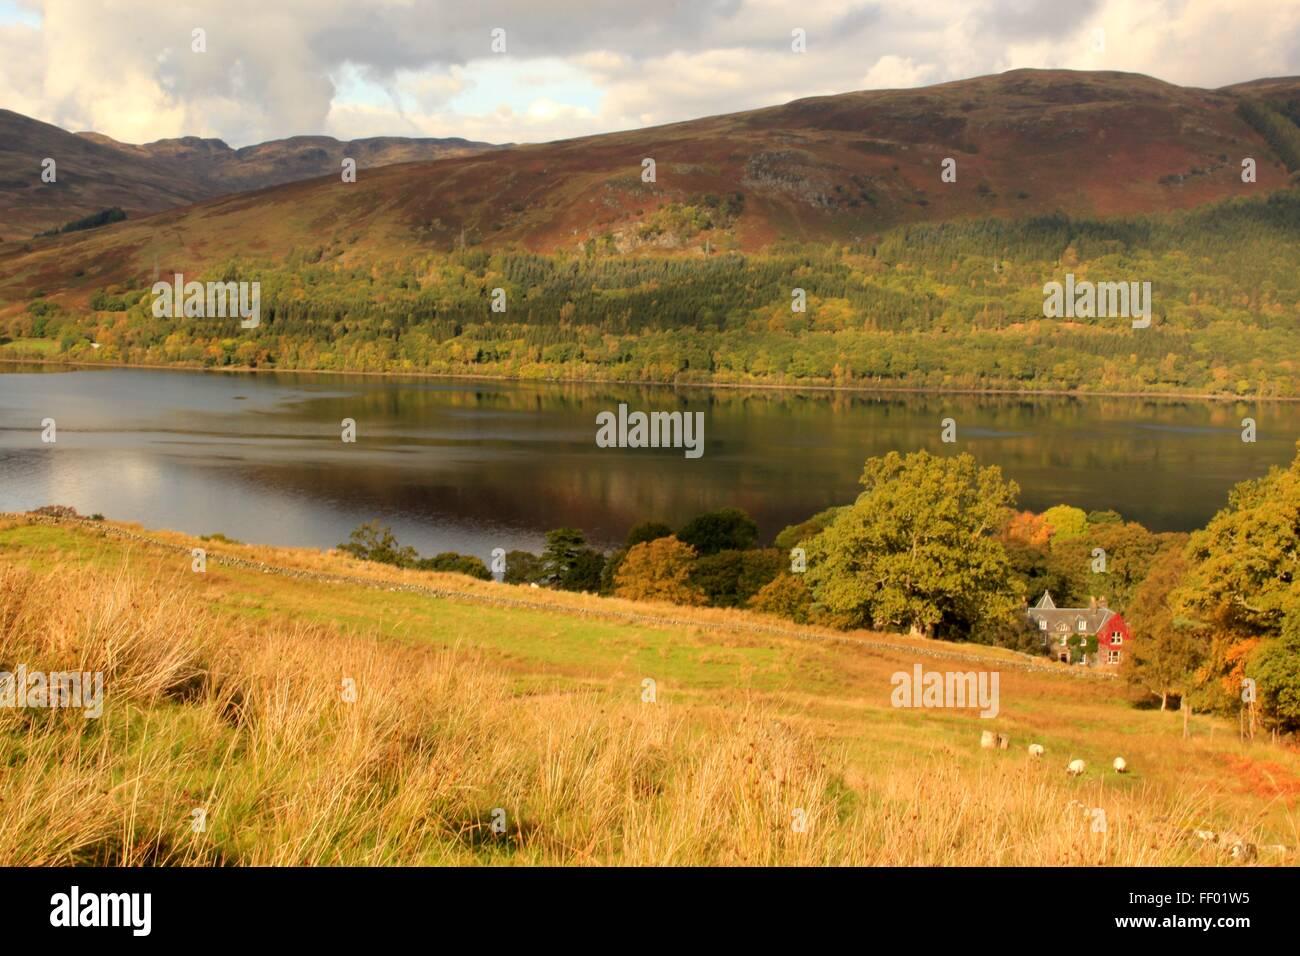 Schafe weiden vor einem roten Efeu bedeckt Haus vor Loch Earn in den schottischen highlands Stockbild